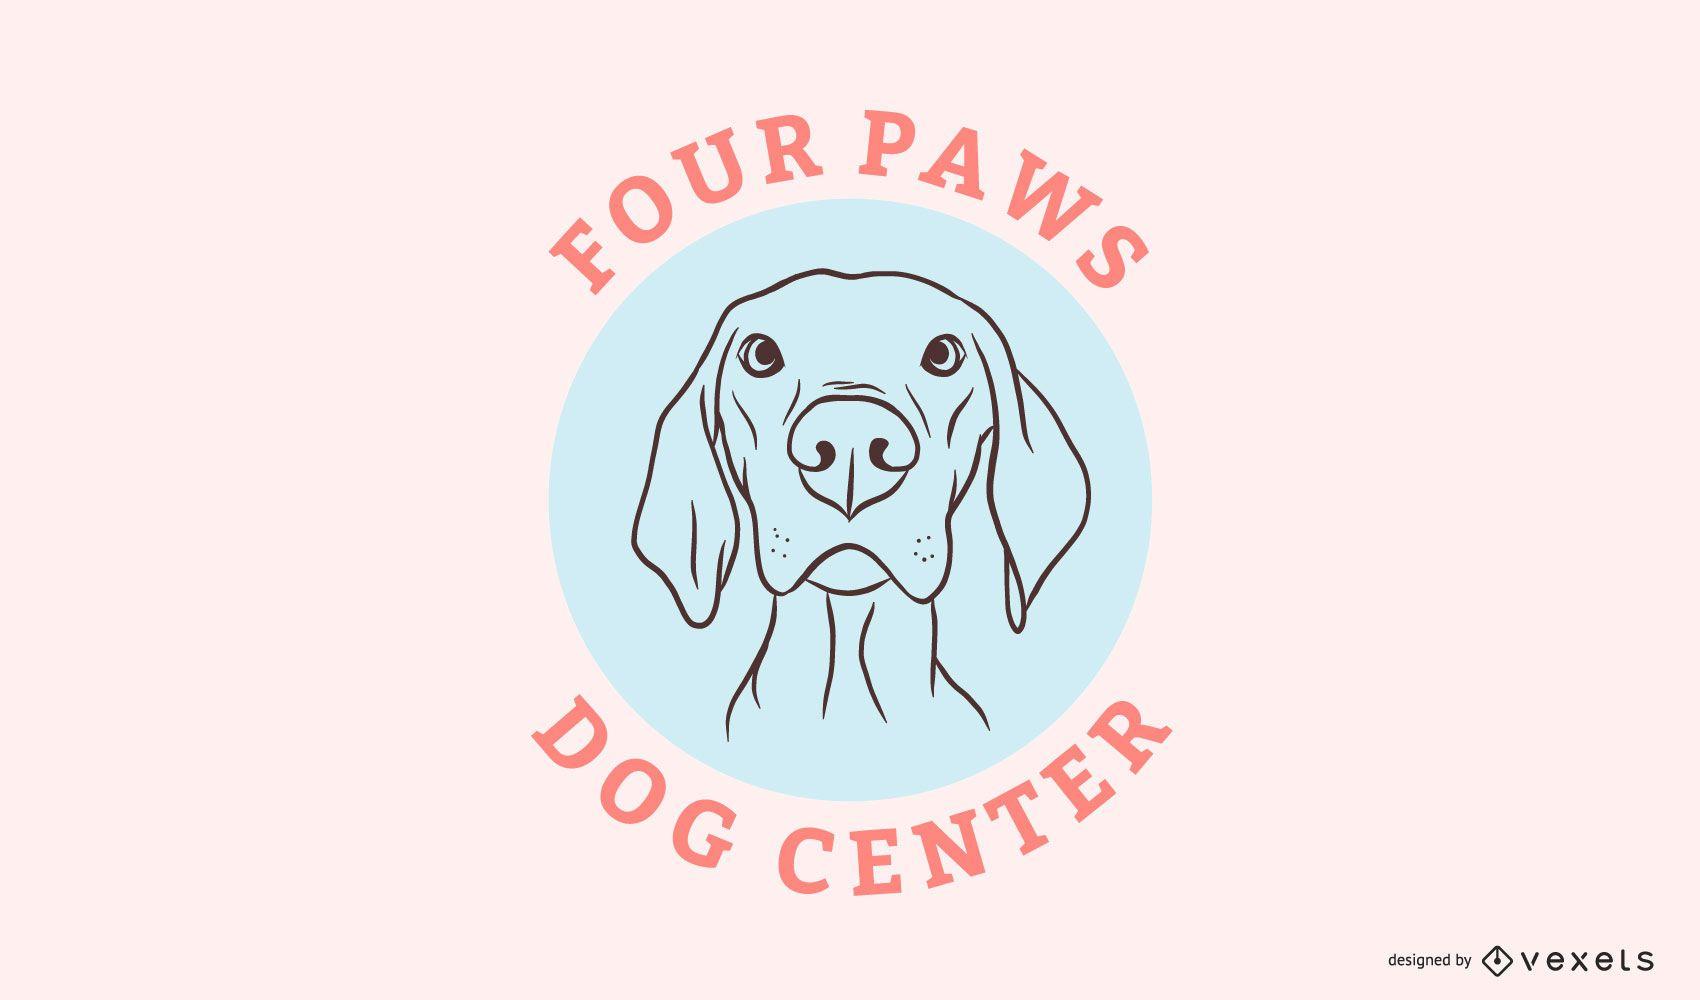 Plantilla de logotipo de centro de perros